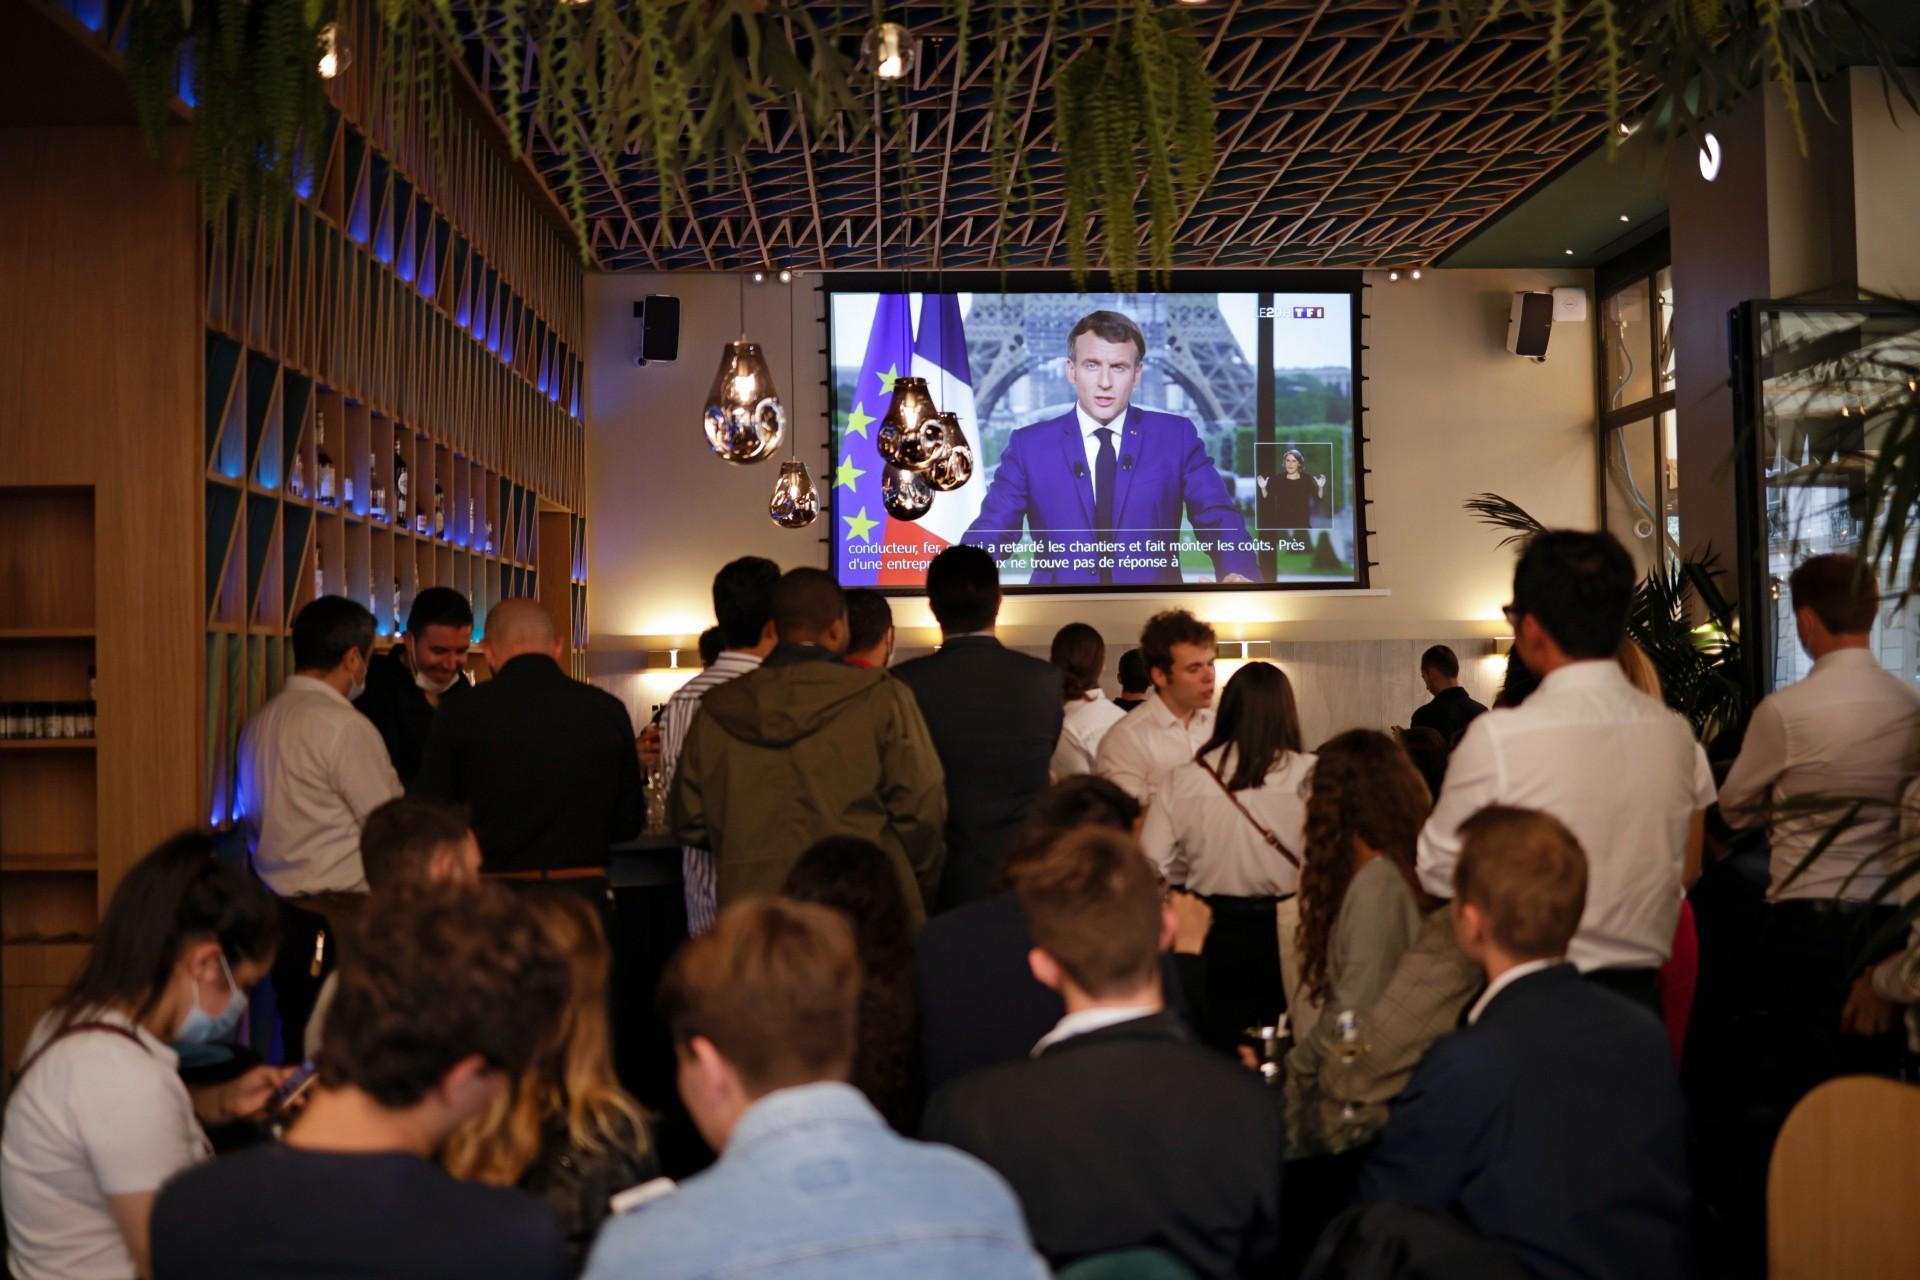 Összeomlott az egészségügyi portál, mert túl sokan akartak oltási időpontot foglalni Macron beszéde után